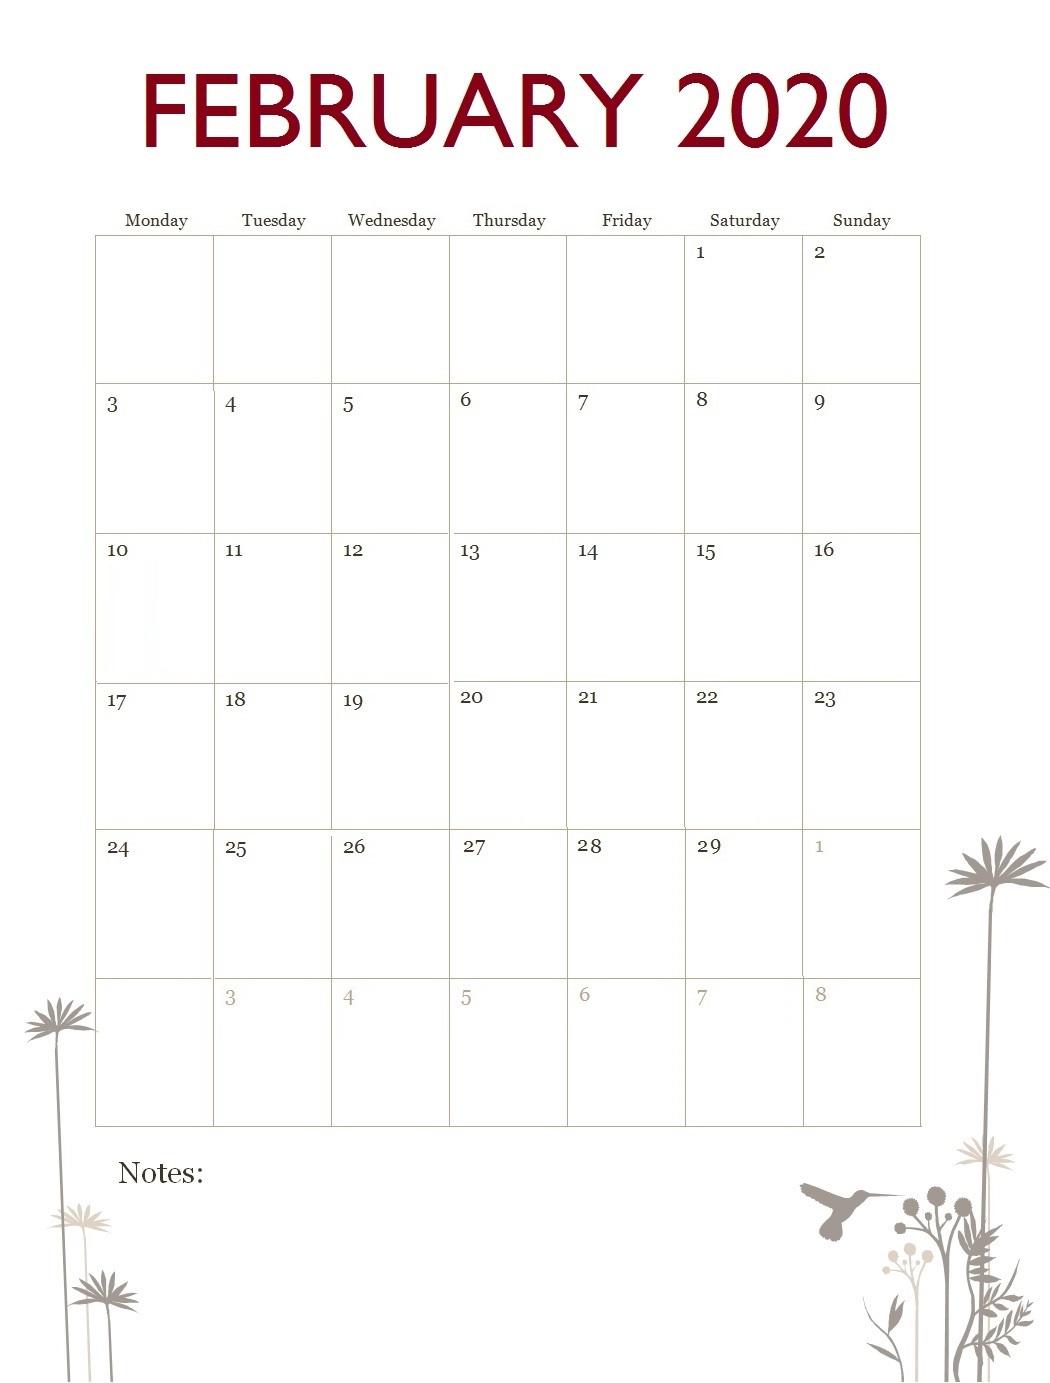 February 2020 Office Table Calendar